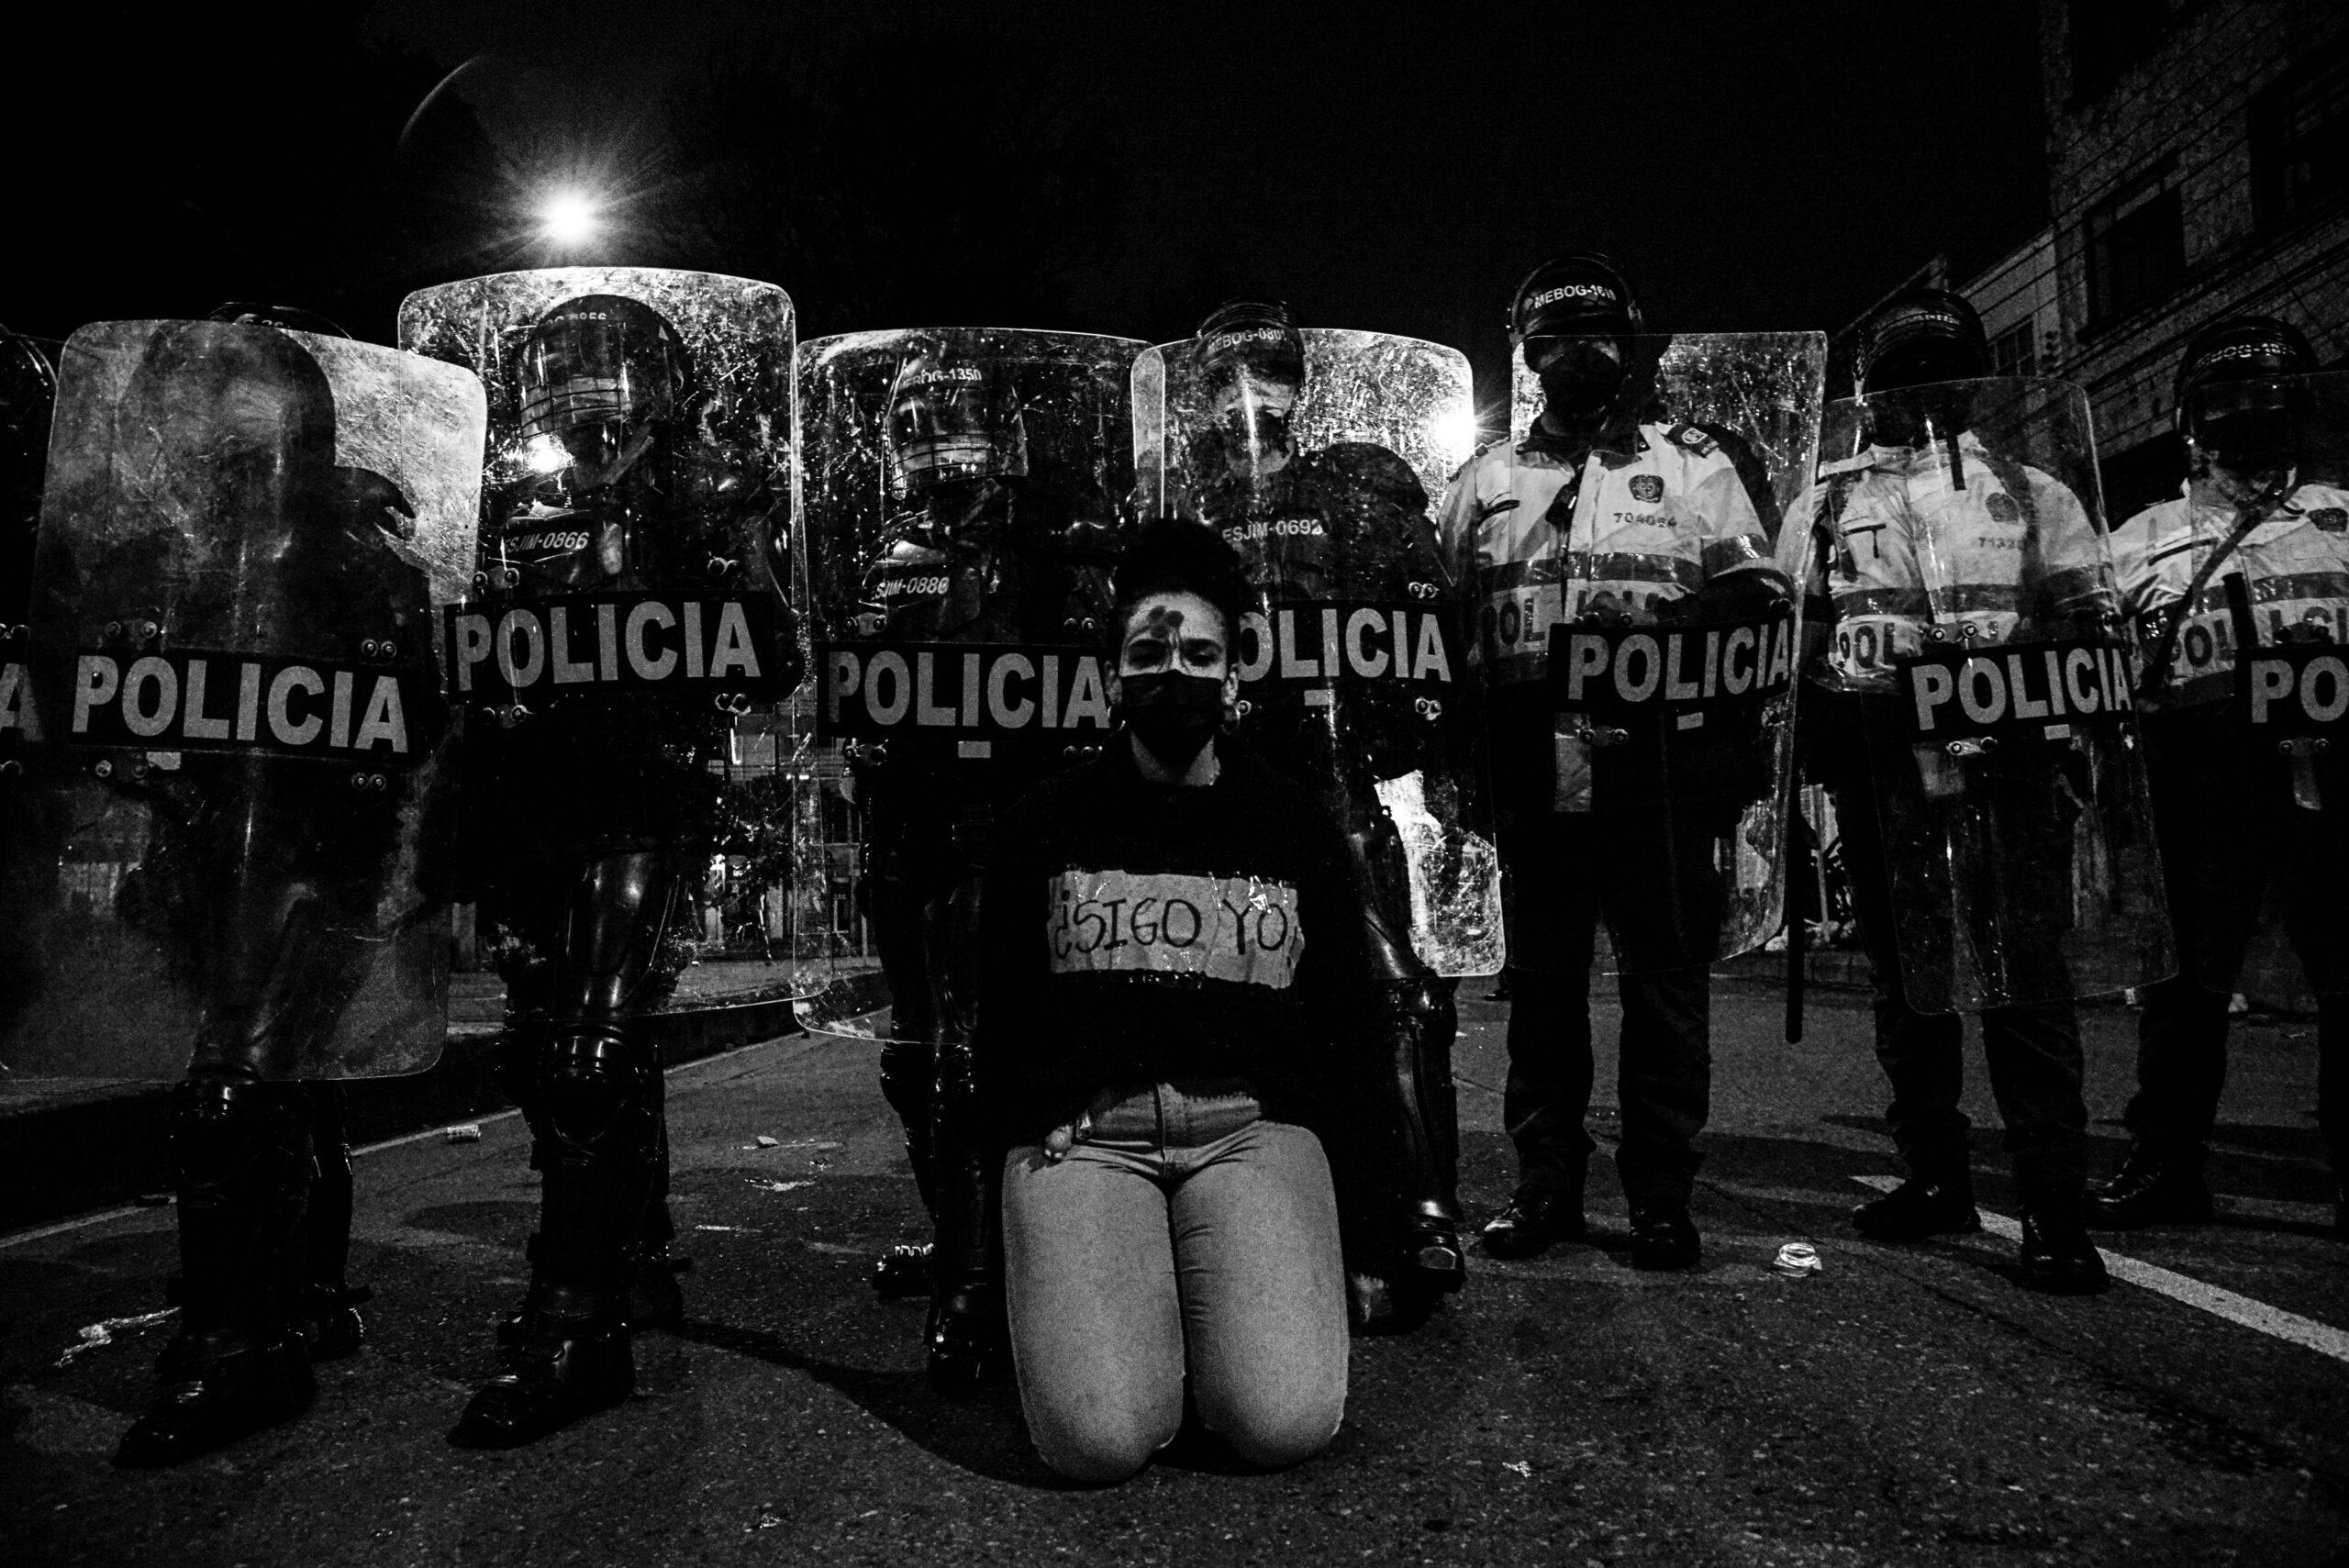 Mujer arrodillada frente a linea de formación de policias